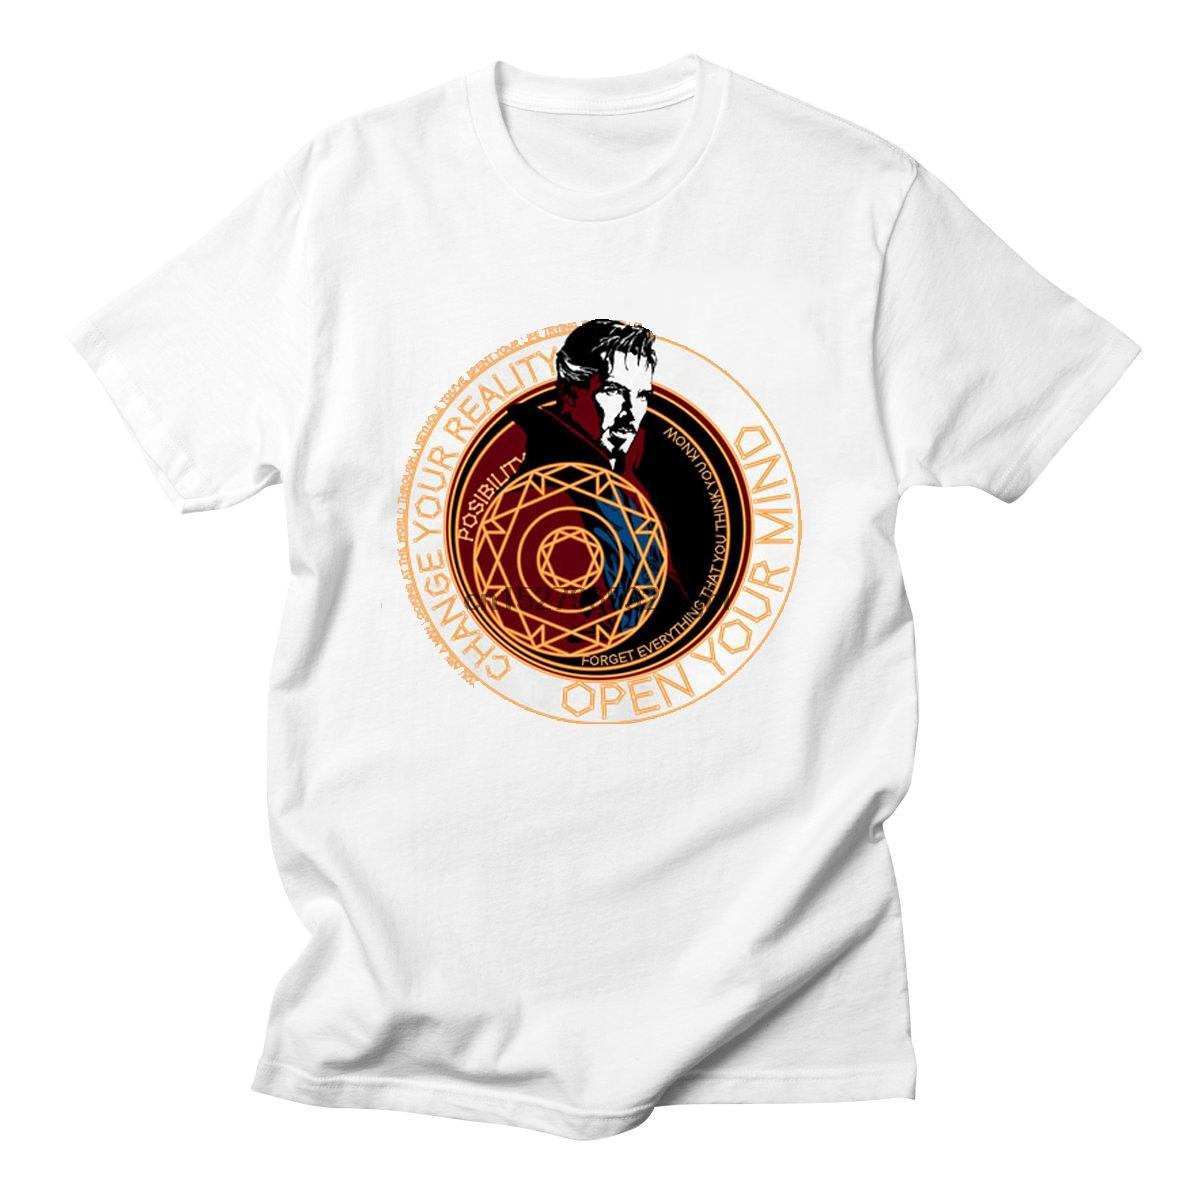 Doutor Estranho Benedict Cumberbatch homens unisex clássico Tees t-shirts Filmes Dr. Estranho Superheroes camisetas Top T